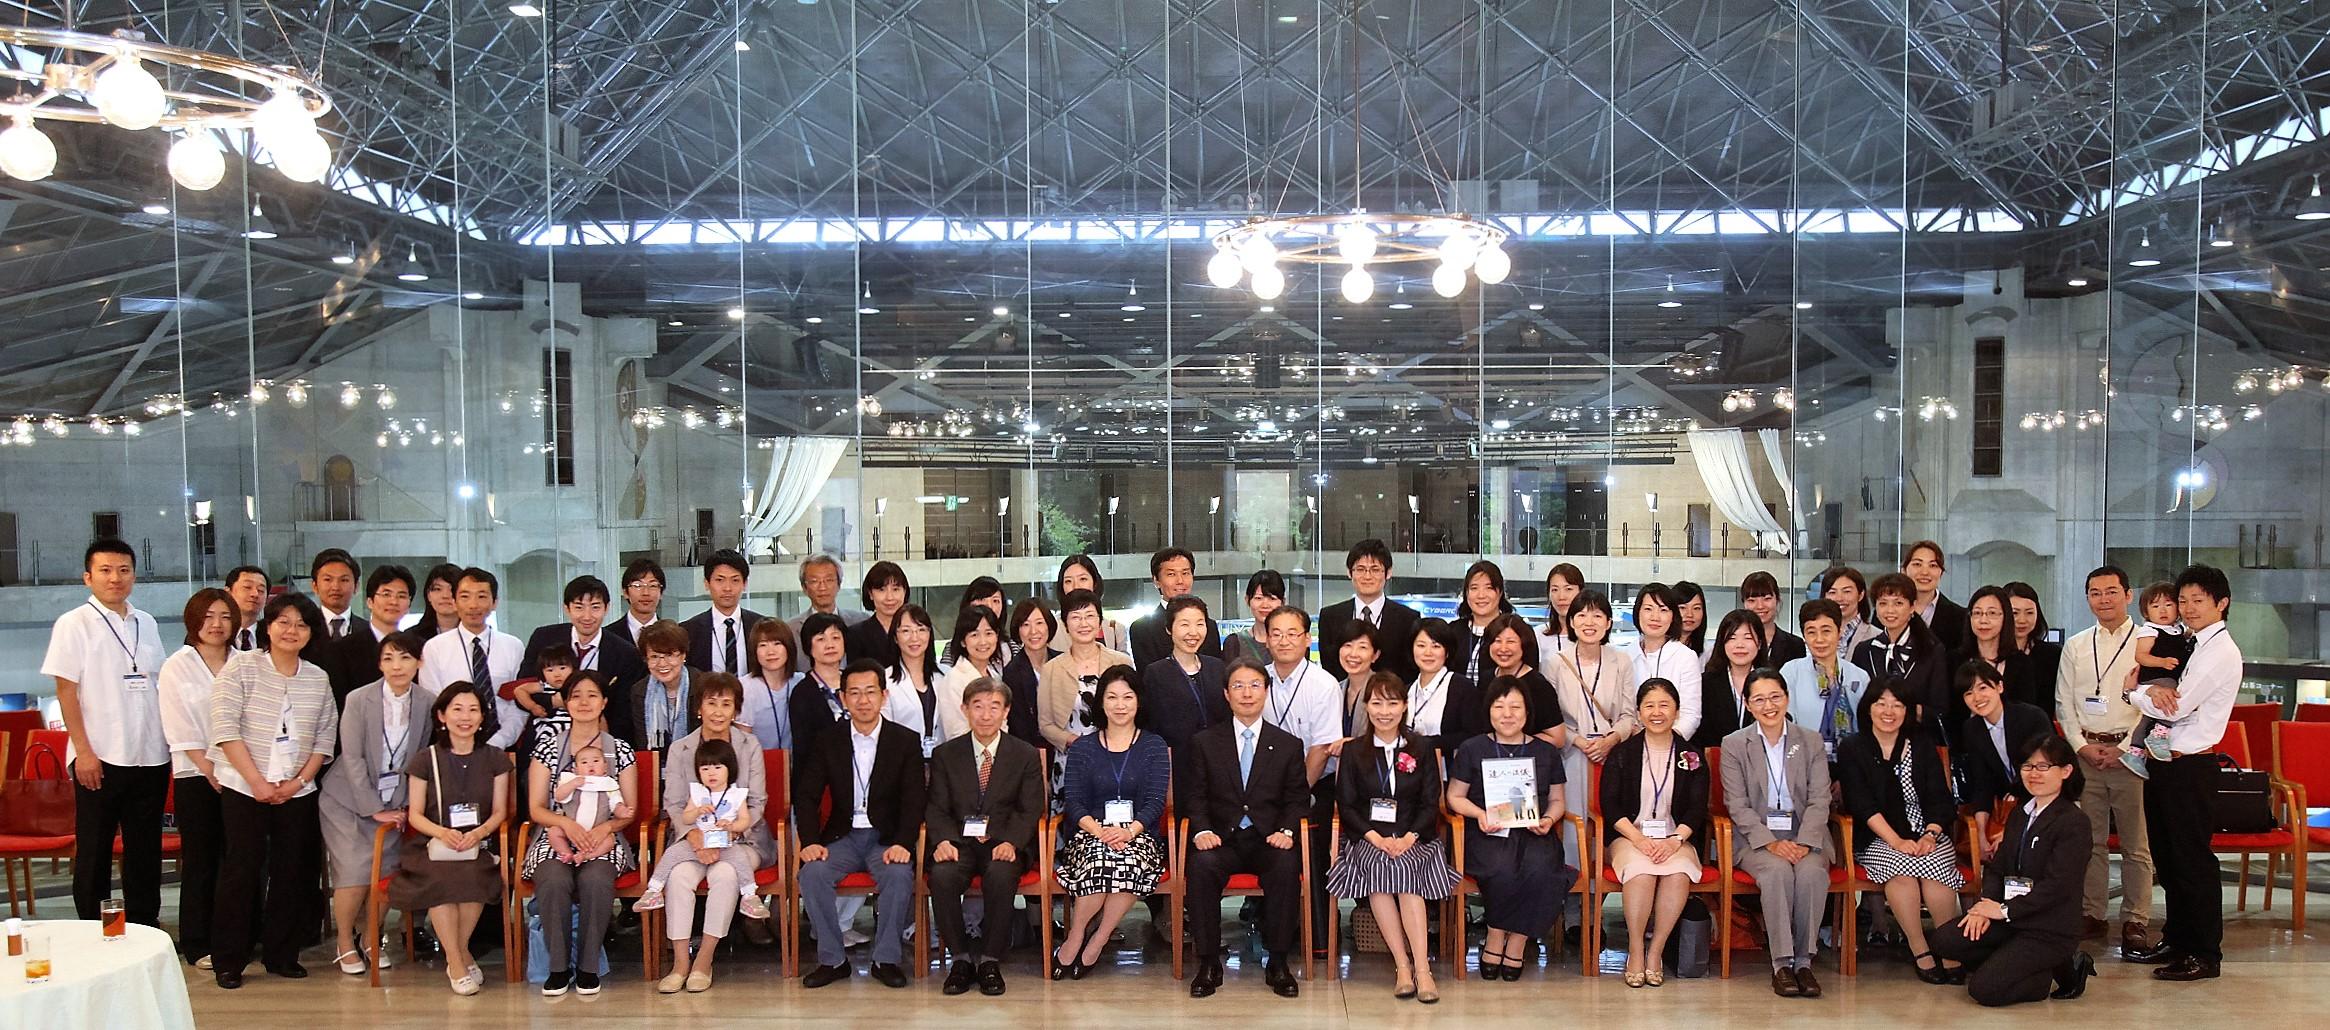 第15回RJN懇親会【第53回学術集会 RJN懇親会 in京都】写真